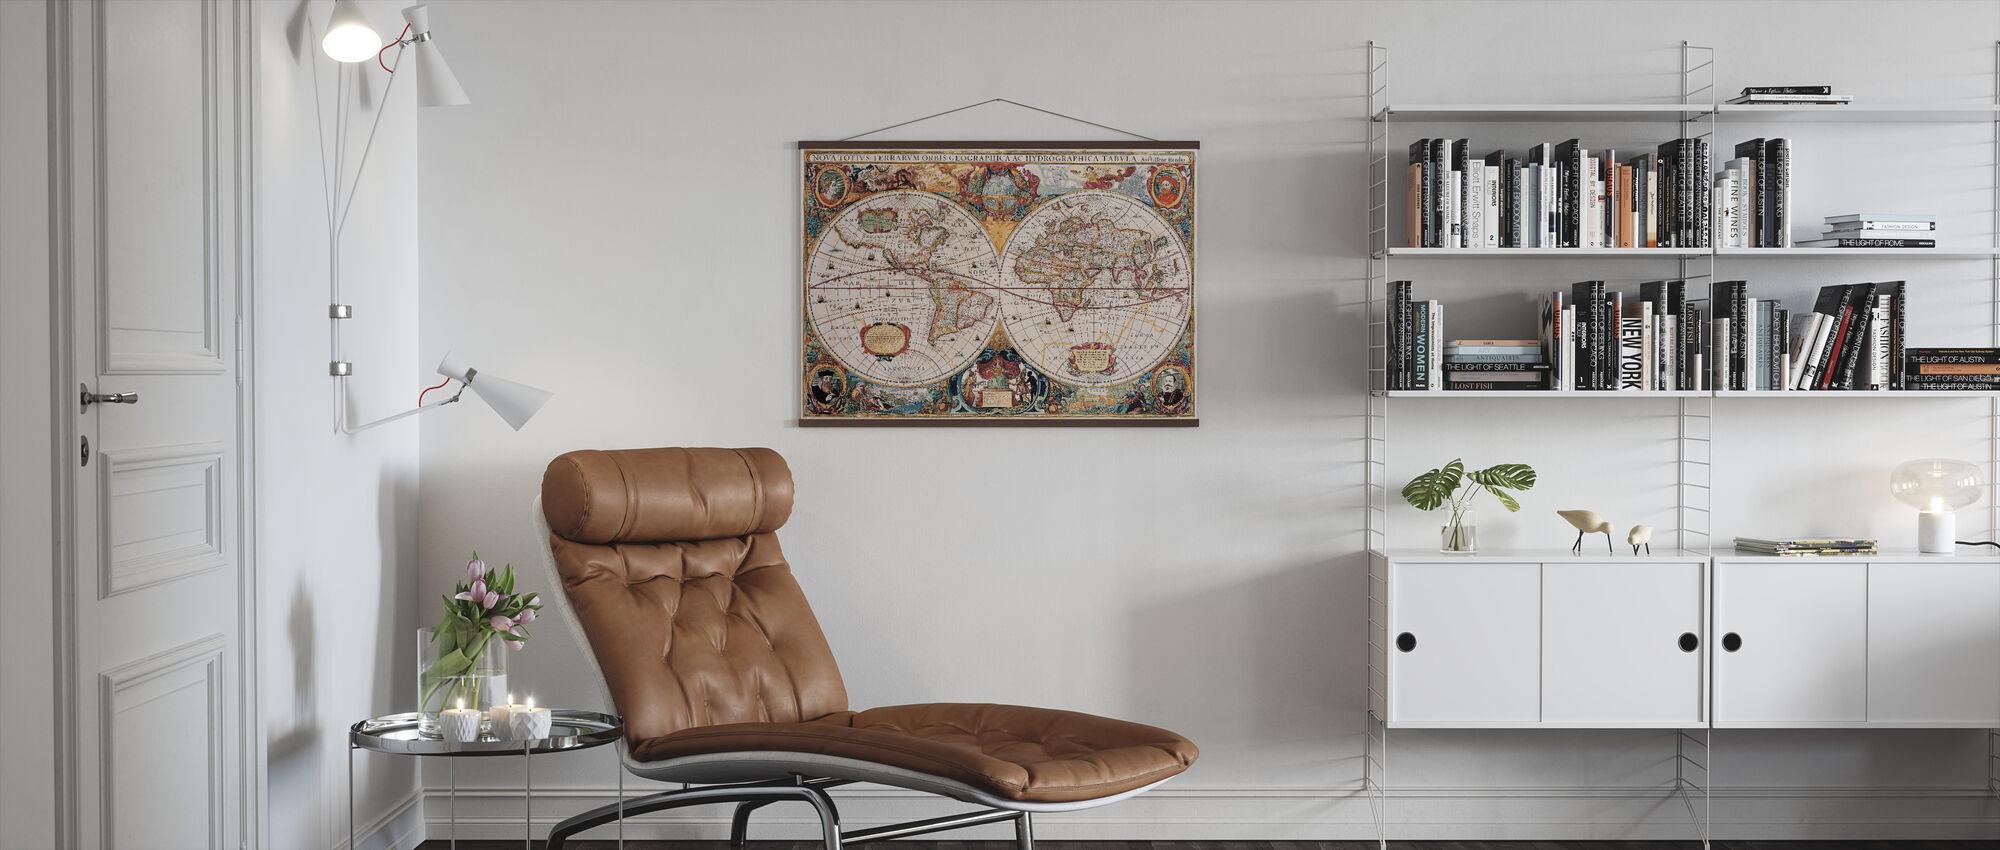 Antique Map - Henricus Hondius 1630 - Poster - Living Room